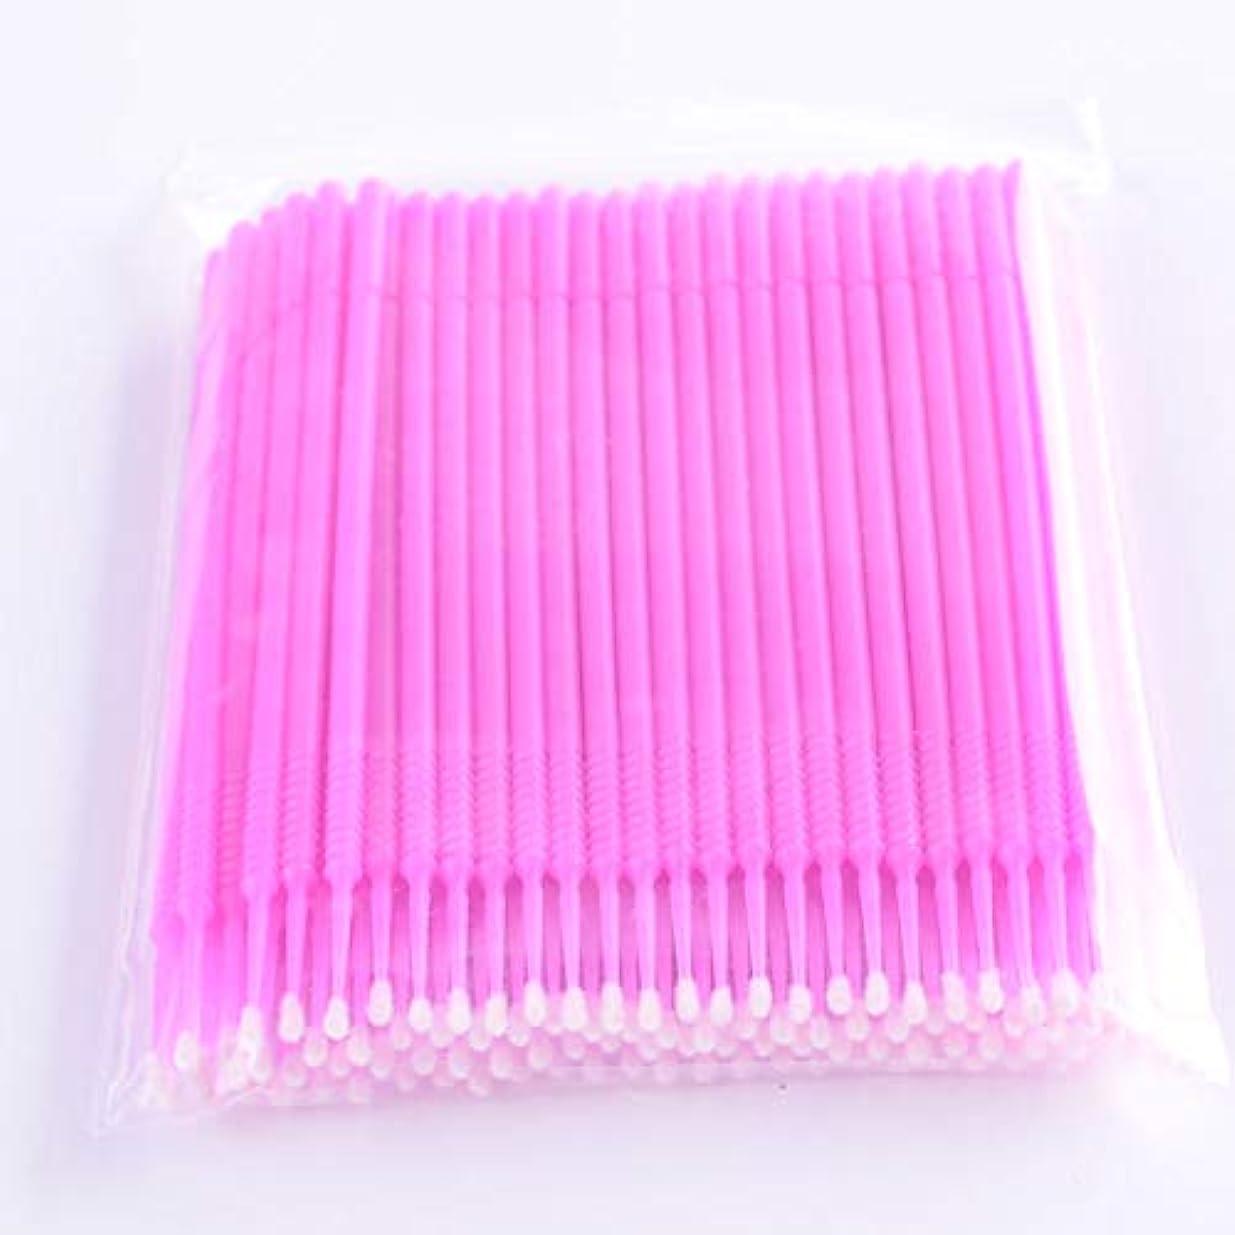 フラップ間違っている伝えるPLATINA LASH マイクロスティック 100本入り マイクロブラシ 使い捨て極細綿棒アプリケーター まつげエクステ用 (Fine/Pink)